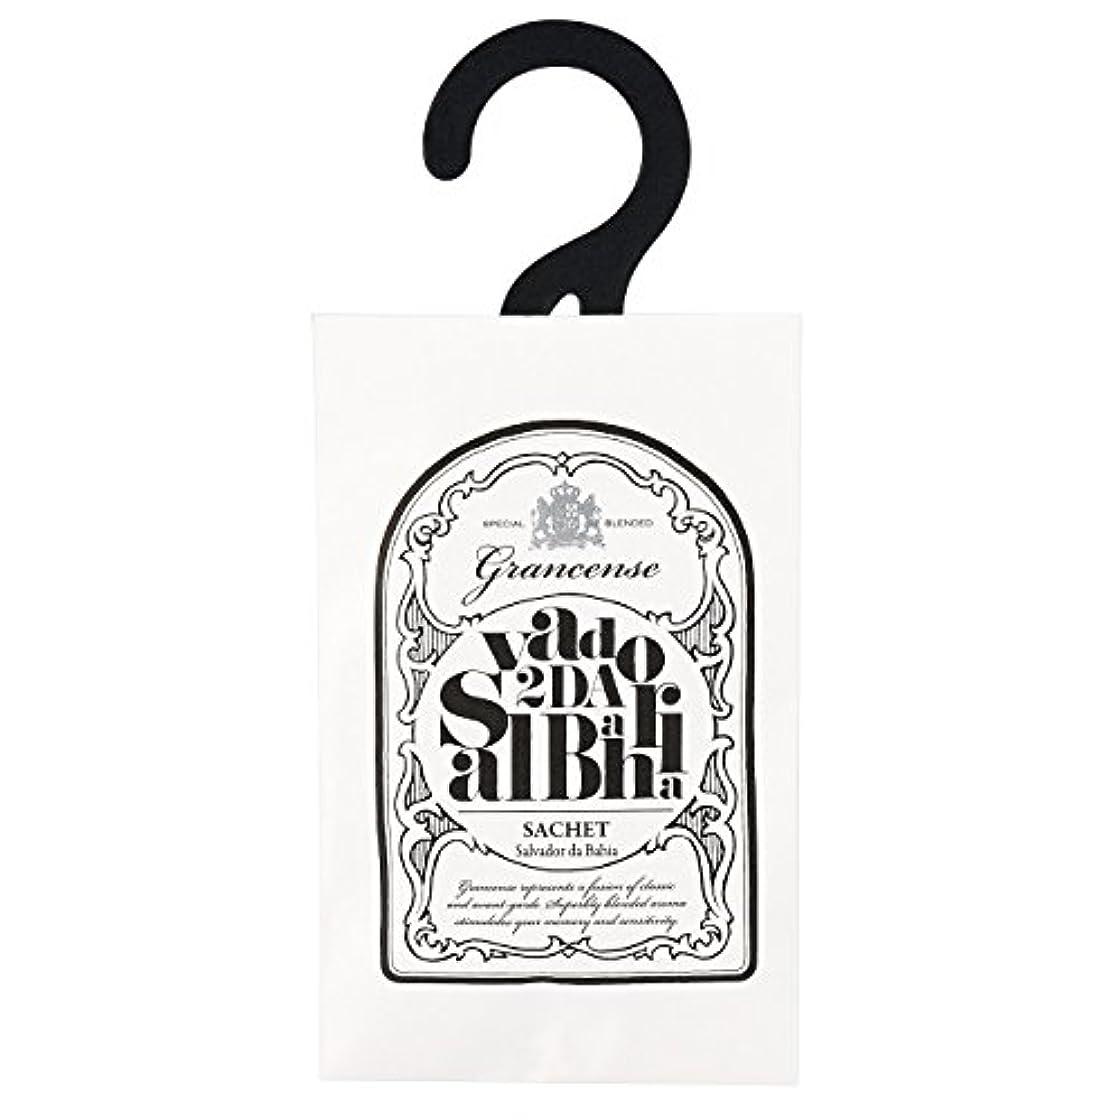 乱闘服を片付けるサイトライングランセンス サシェ(約2~4週間) サルバドール 12g(芳香剤 香り袋 アロマサシェ ライムとミントの爽やかさにバニラの甘さを感じる南国のような香り)